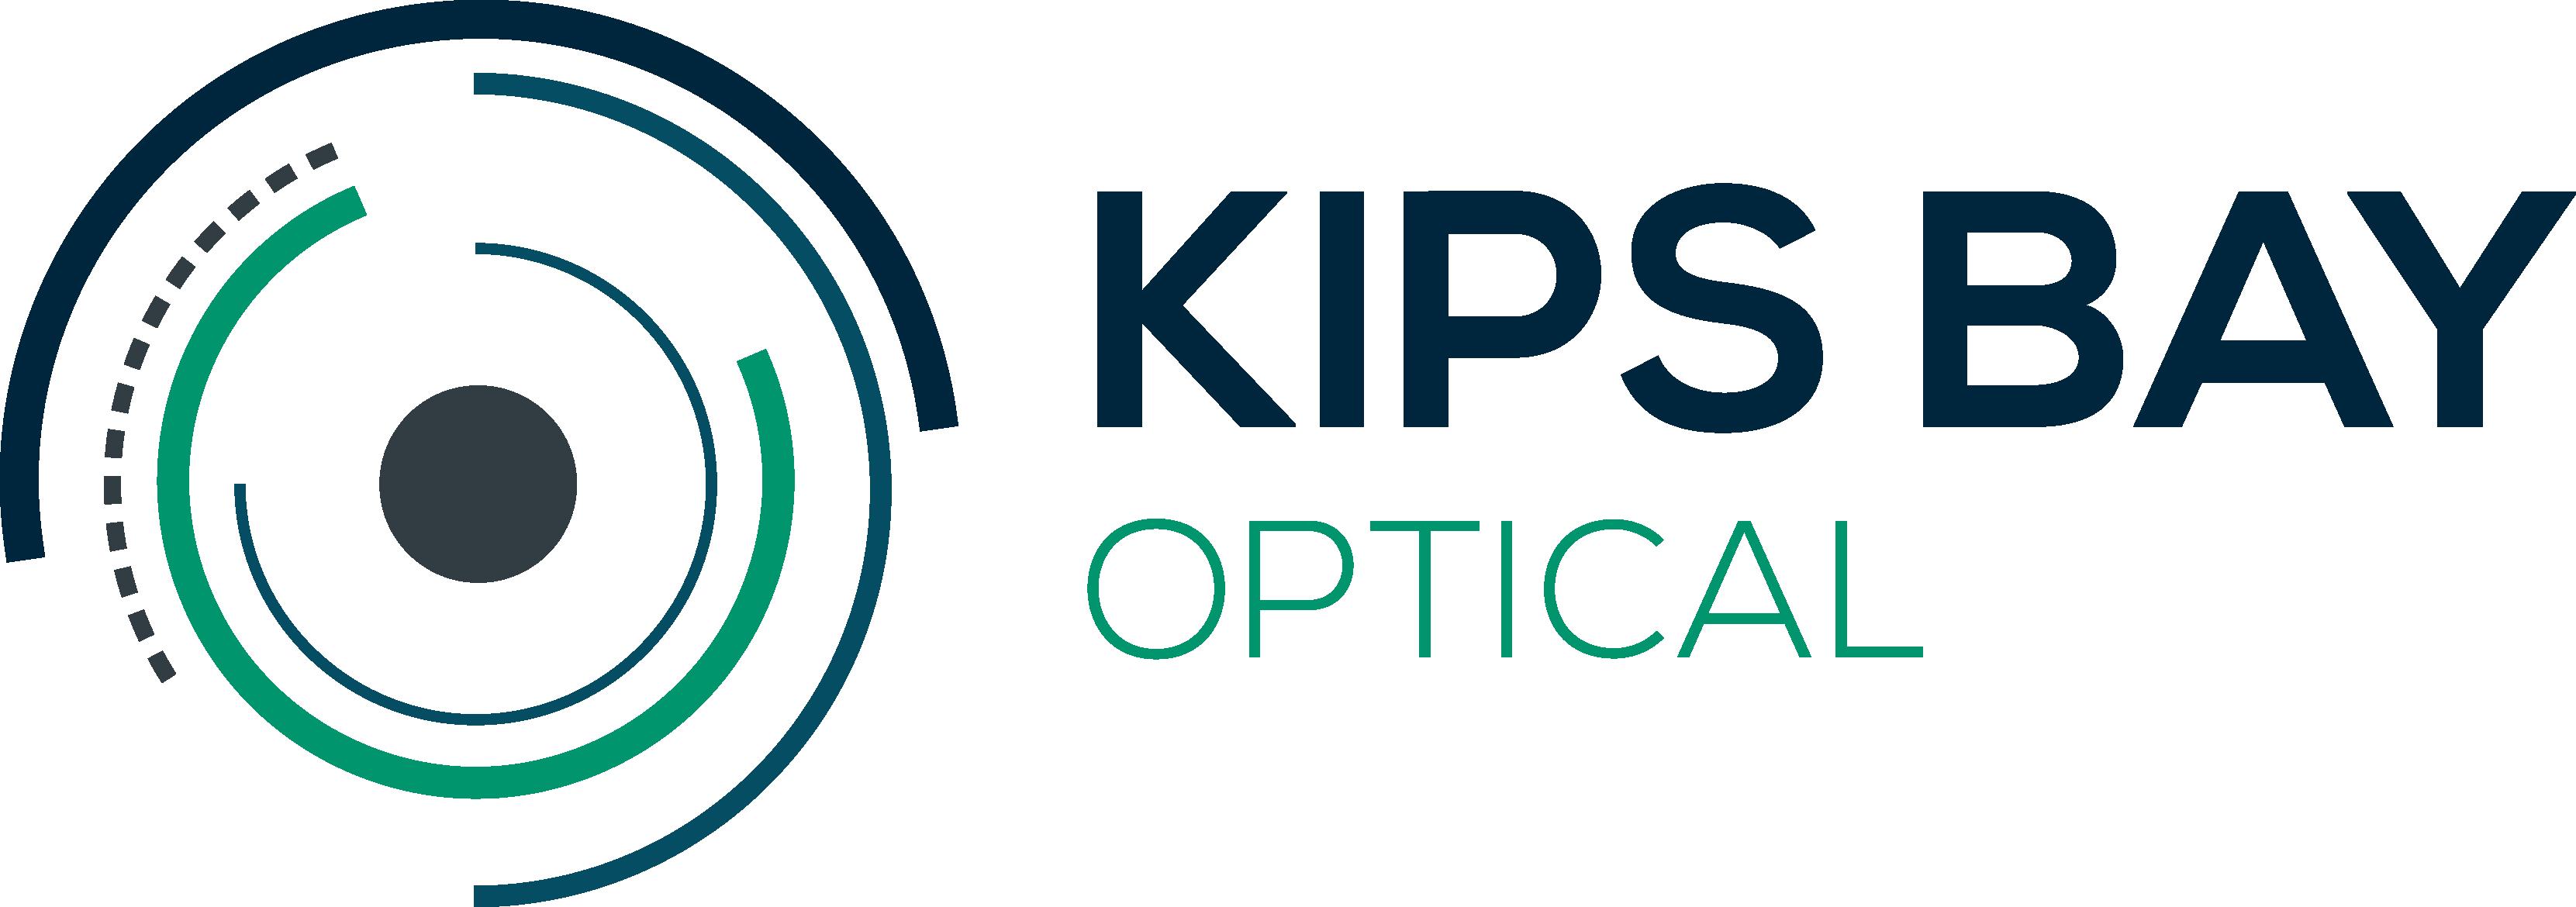 b5bd437a3a Welcome to Kips Bay Optical - Kips Bay Optical